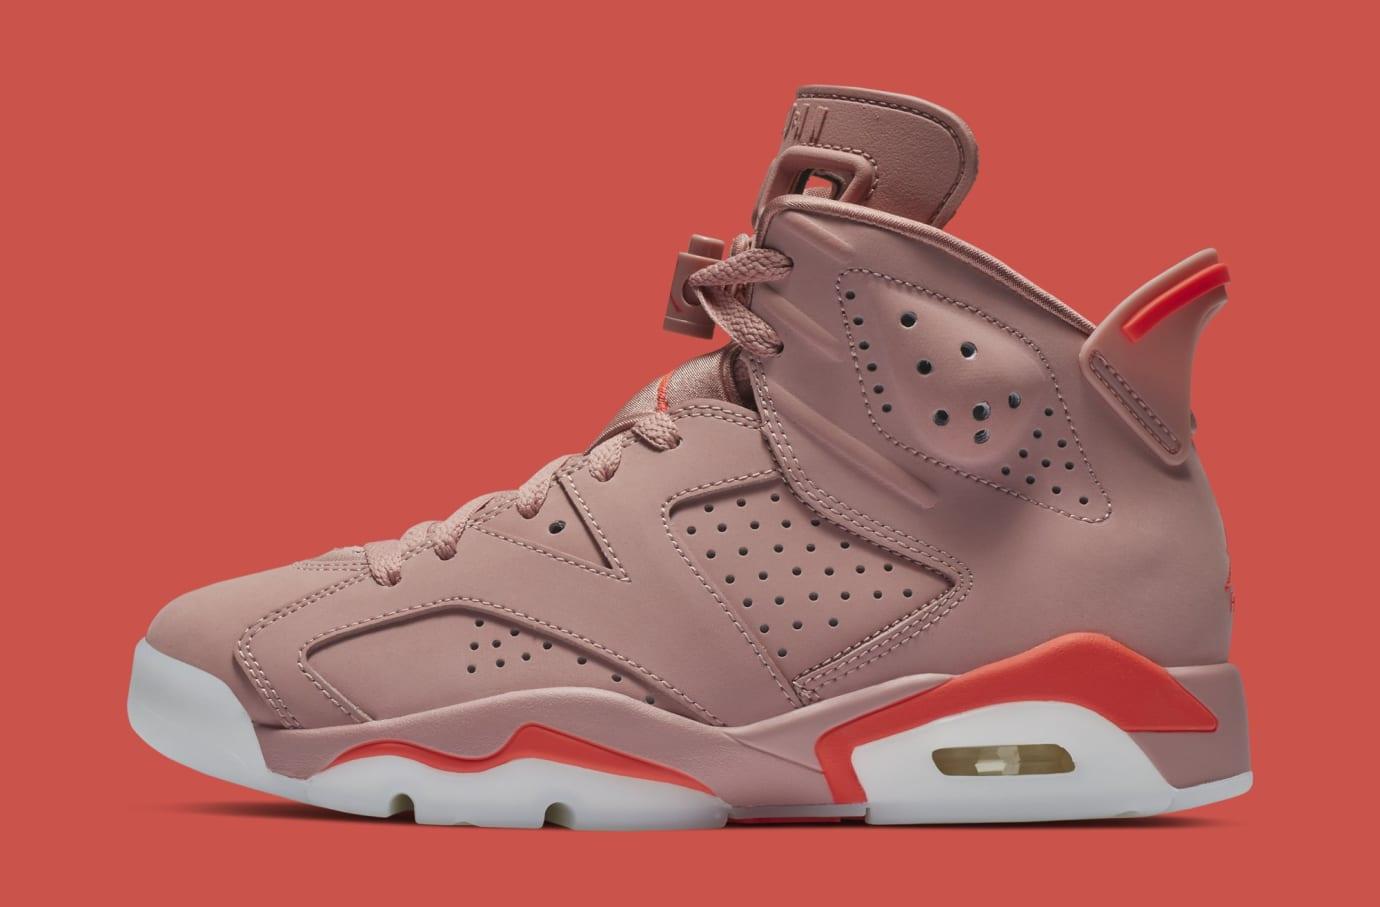 New Jordan releases Jordan 6